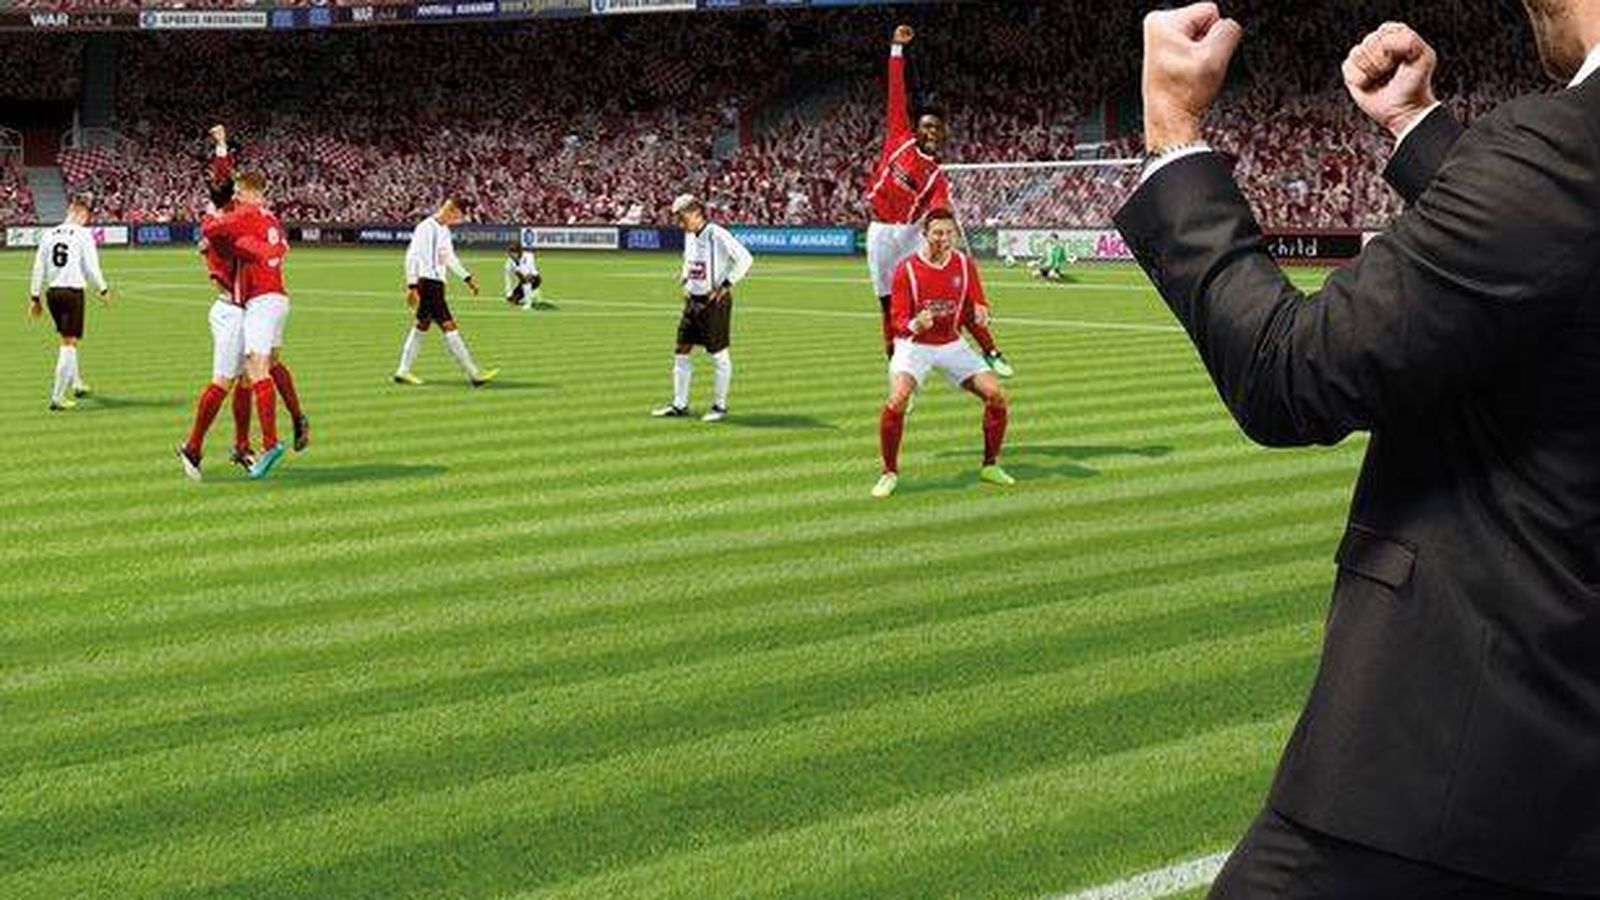 Videojuegos: Hoy sale el nuevo Football Manager y ésta es la